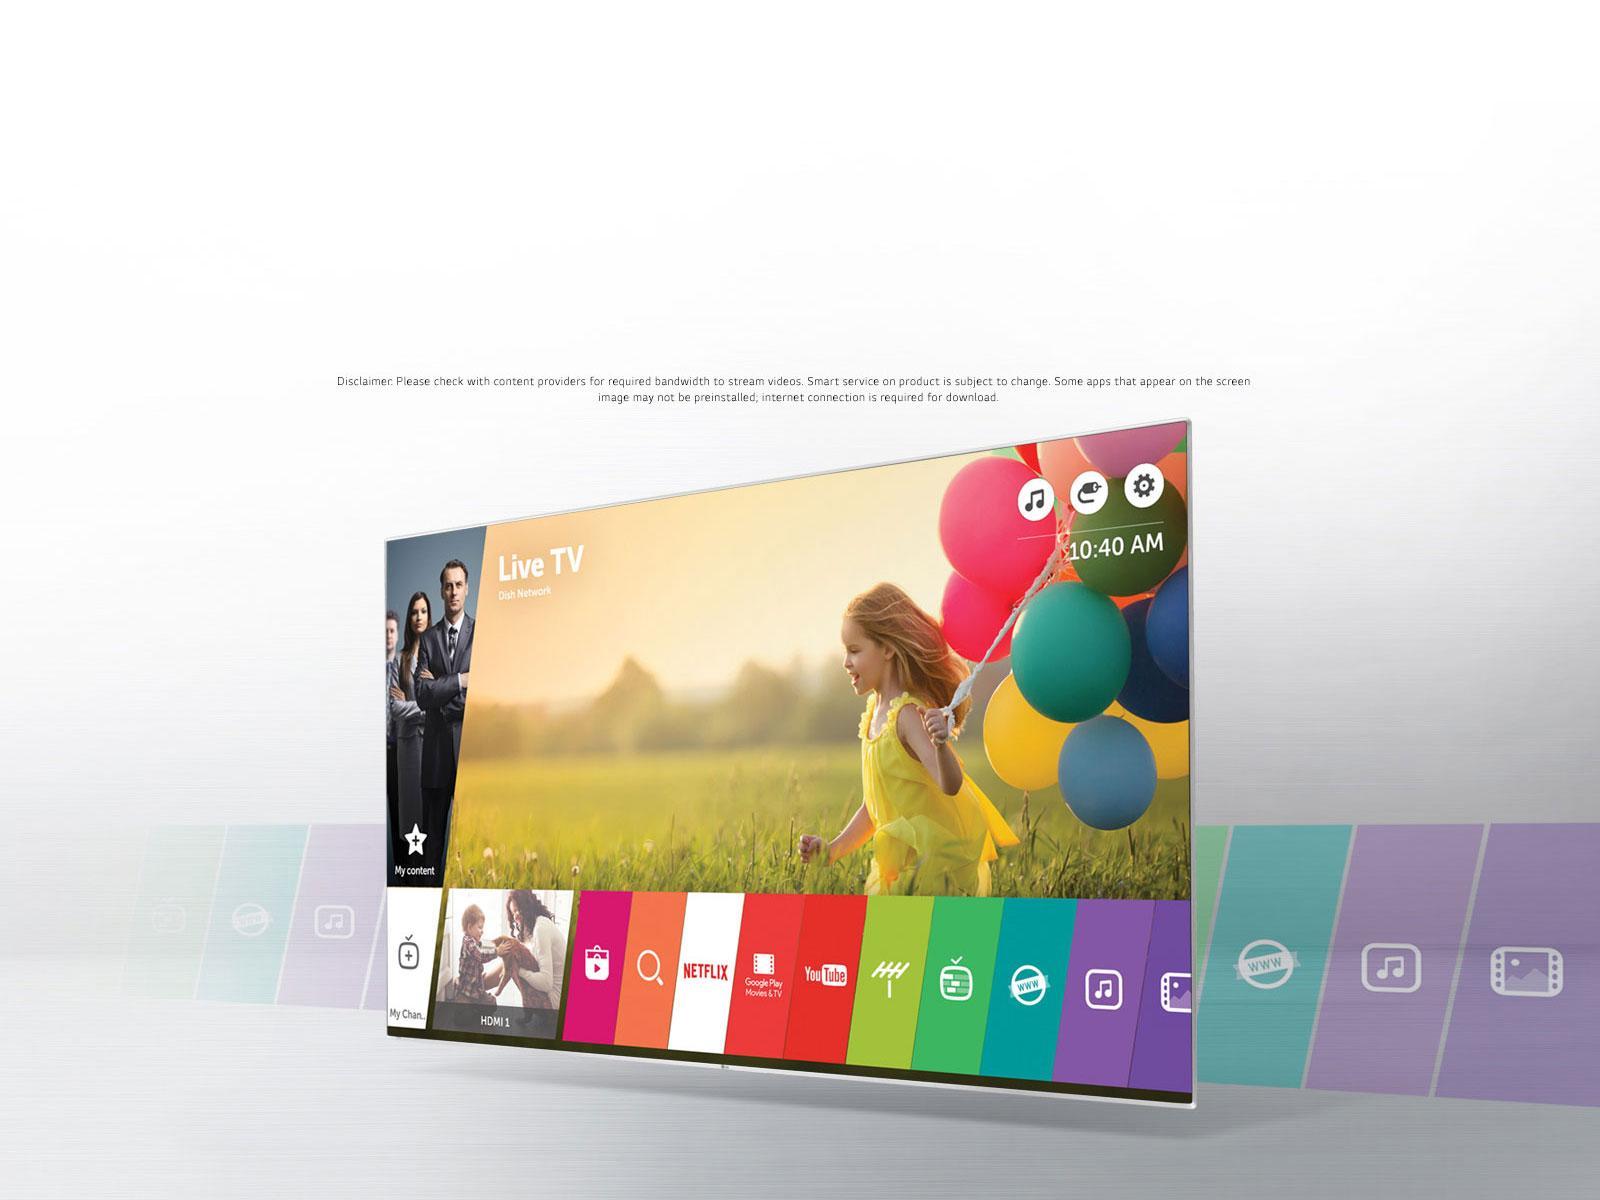 lg 55uh6090 55 inch 4k uhd smart led tv lg usa. Black Bedroom Furniture Sets. Home Design Ideas